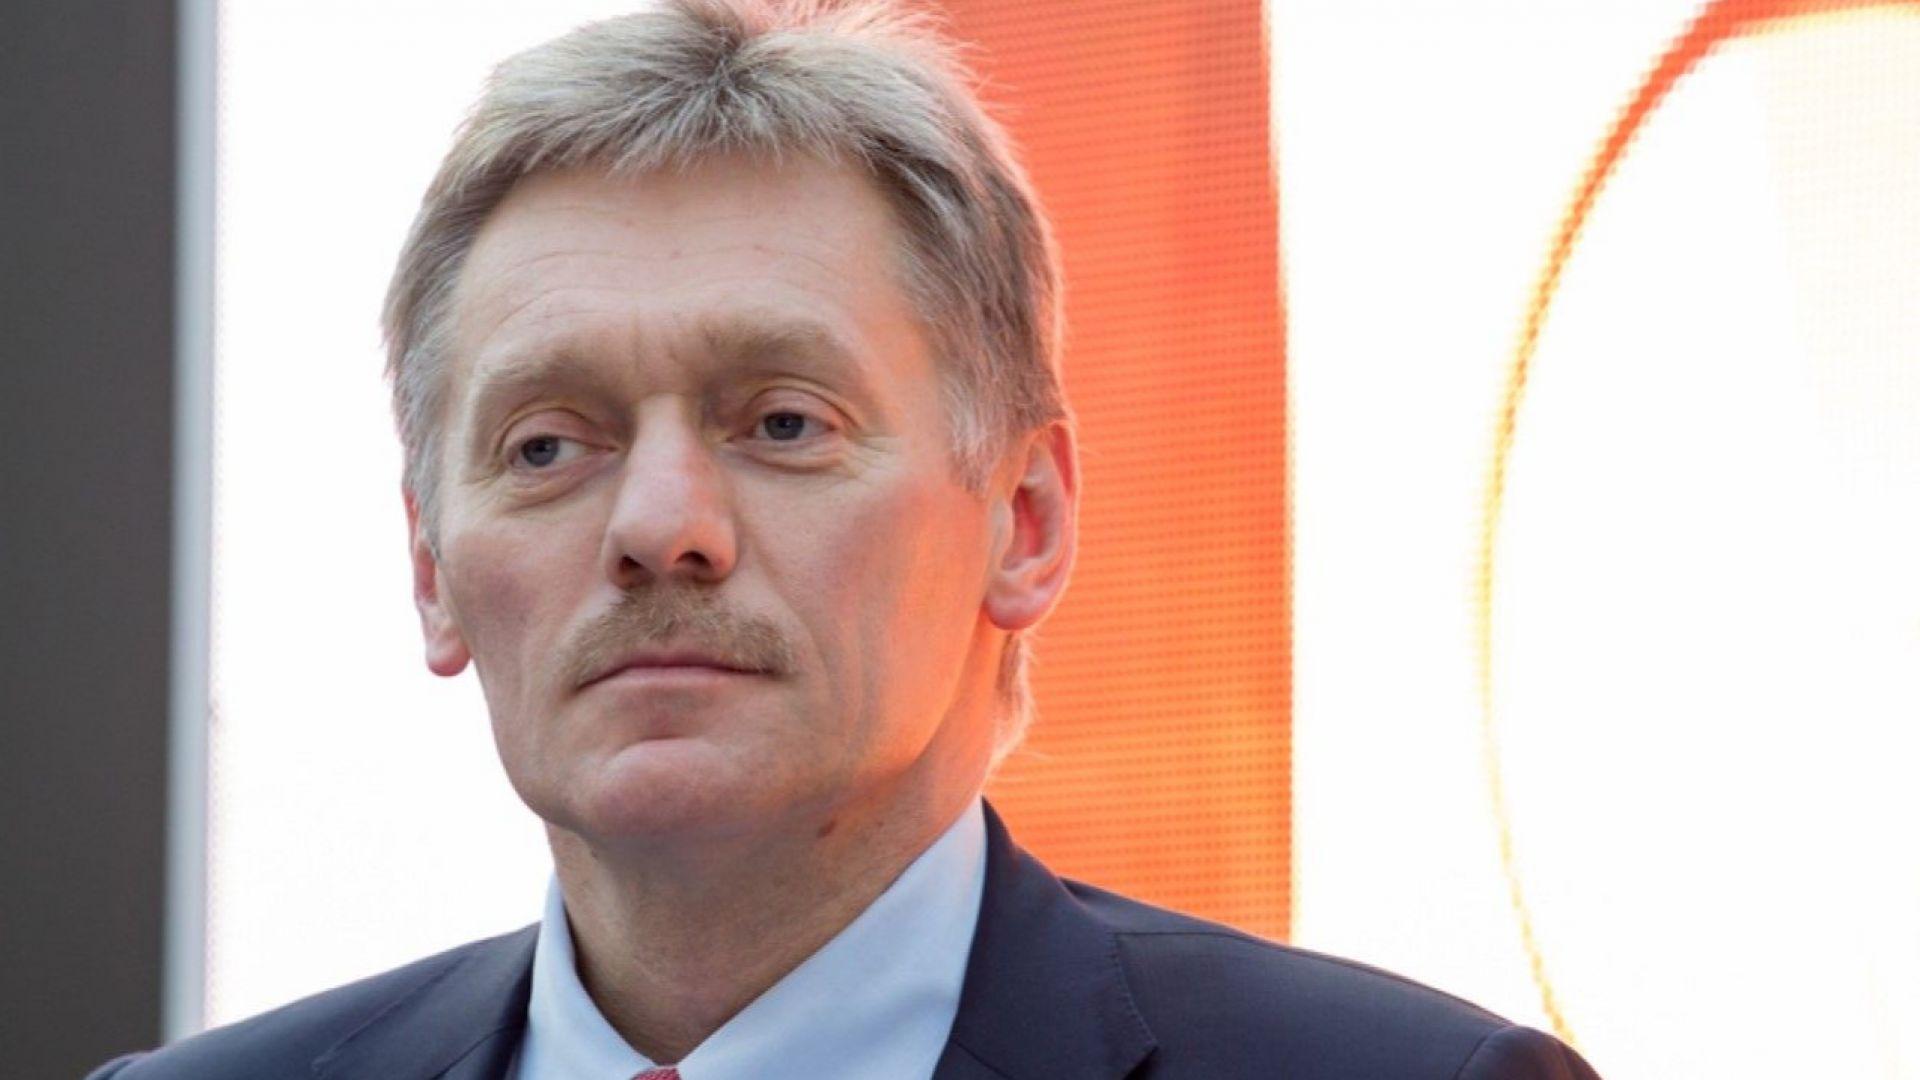 Кремъл приема с чувство за хумор твърдението, че руски шпиони подслушват Тръмп